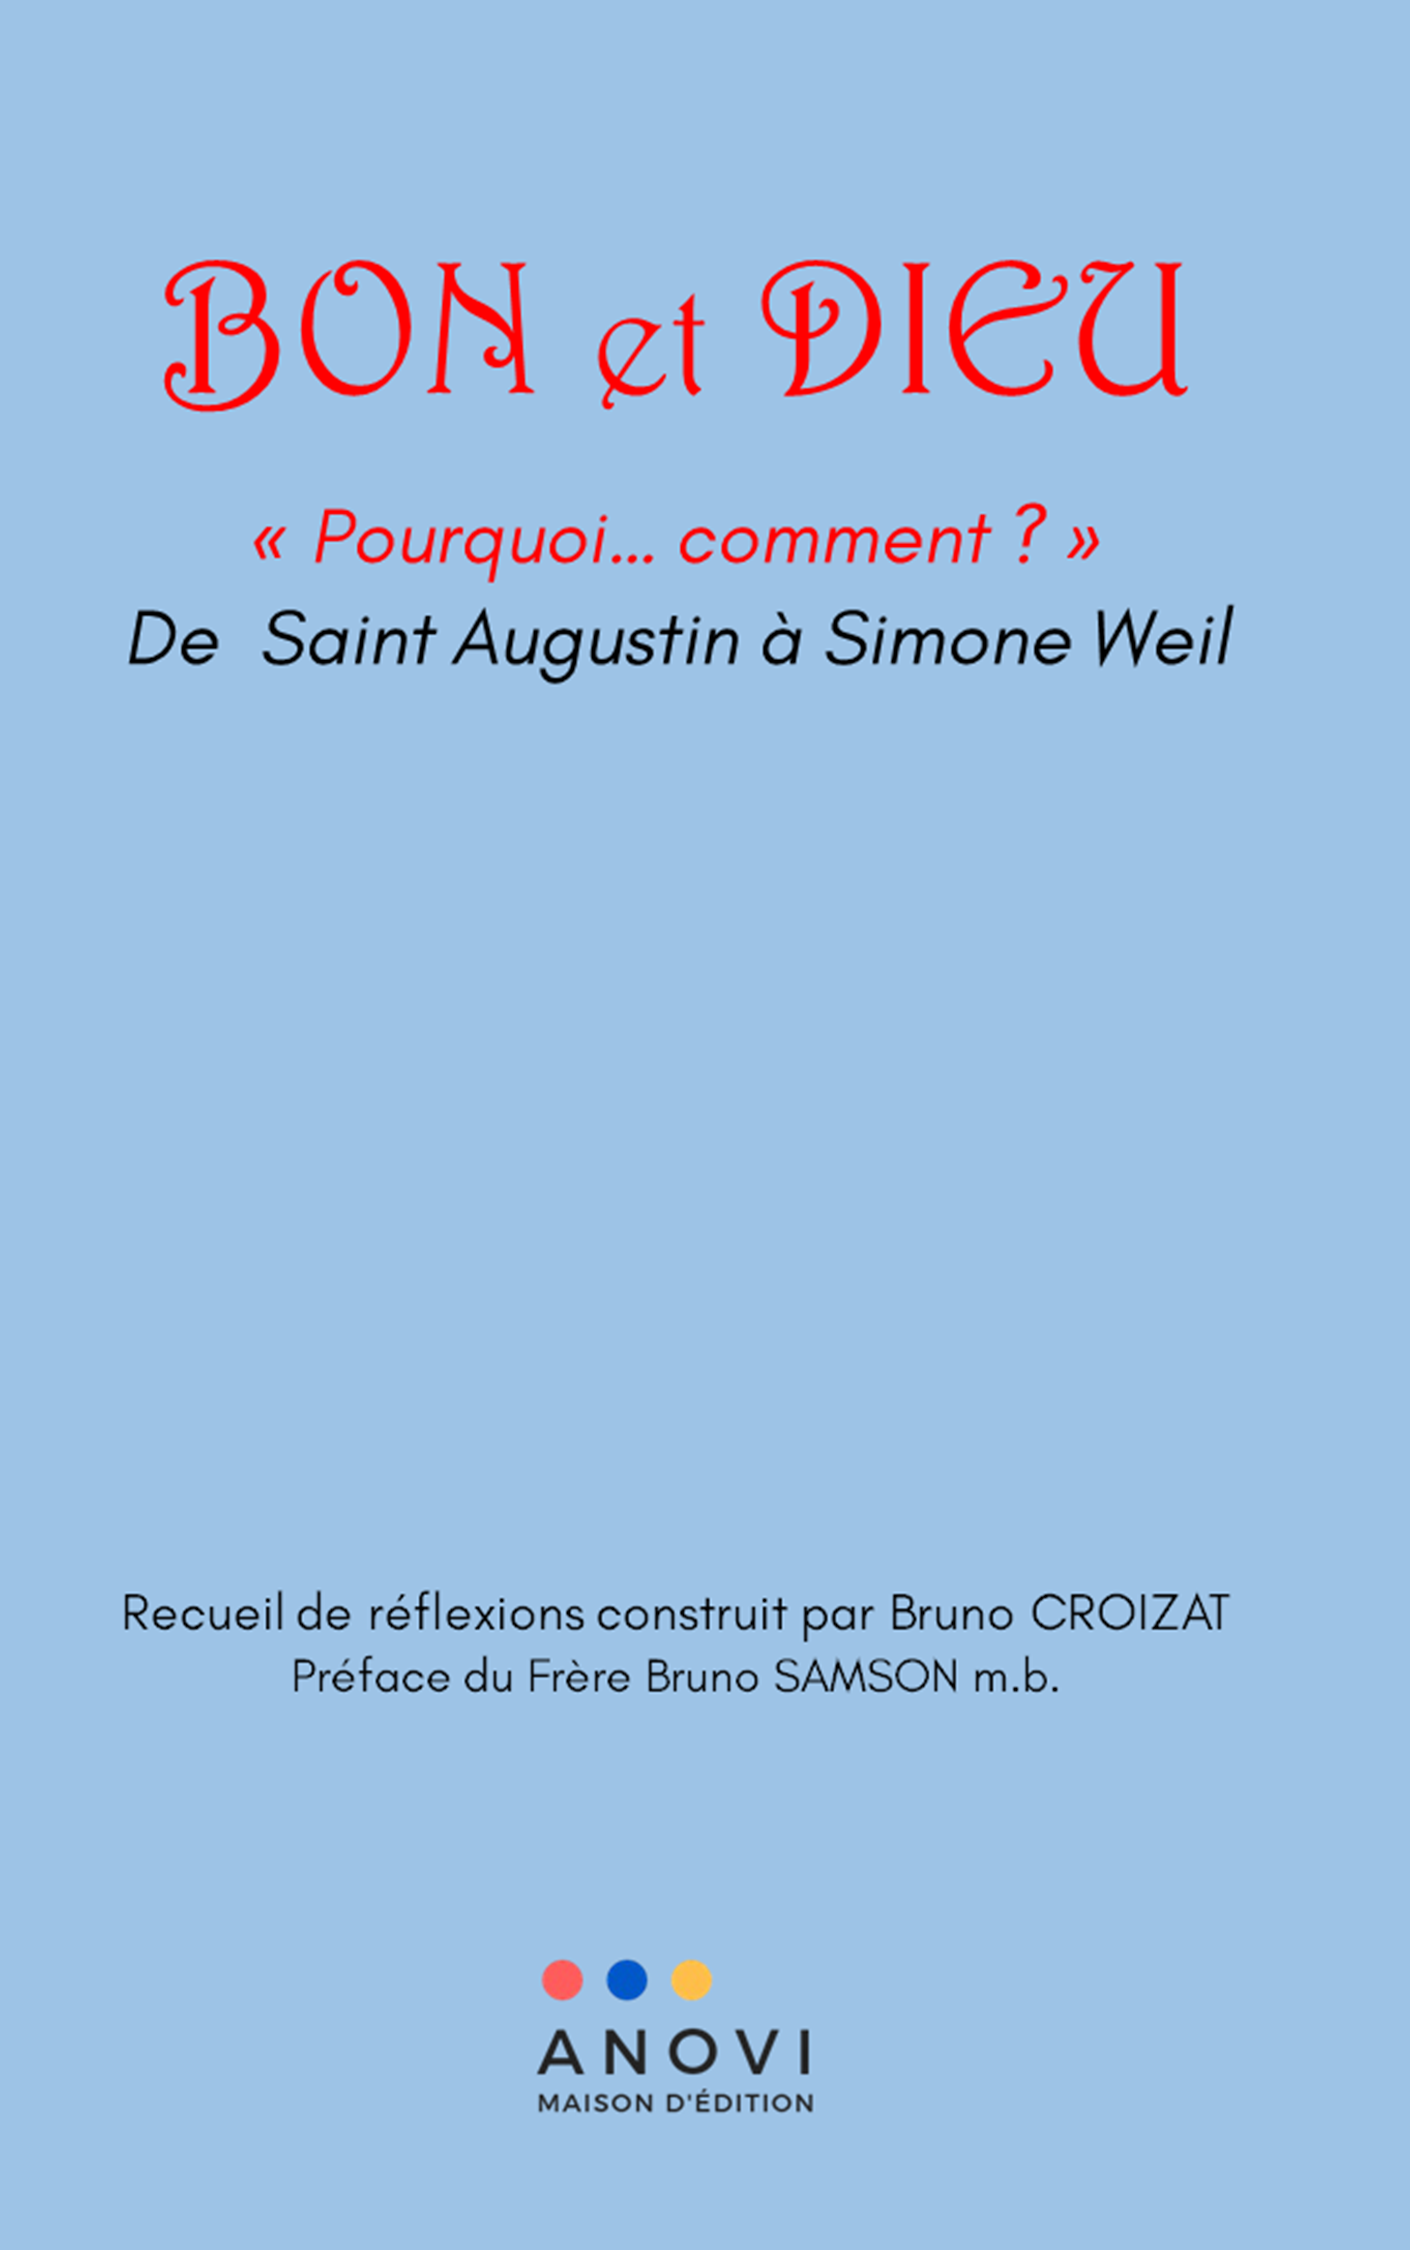 Bon et Dieu: (Pourquoi….Comment ?) de St Augustin à Simone Weil Image